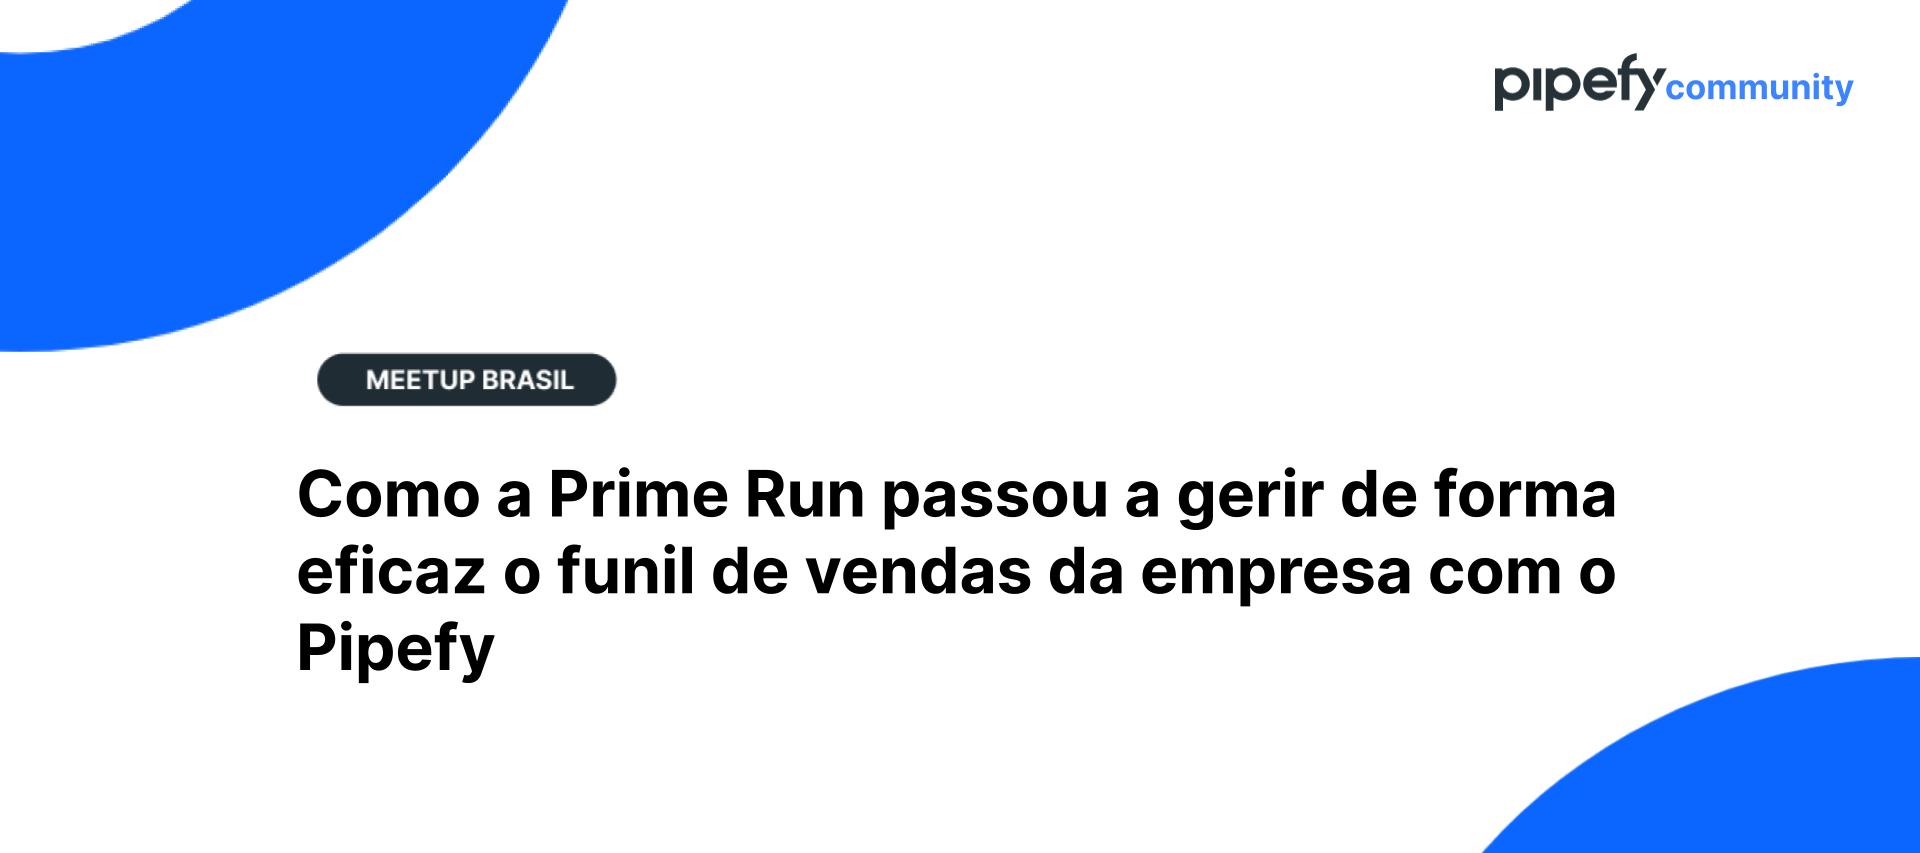 🎥 Gravação| Julho 2021 | Como a Prime Run passou a gerir de forma eficaz o funil de vendas com o Pipefy